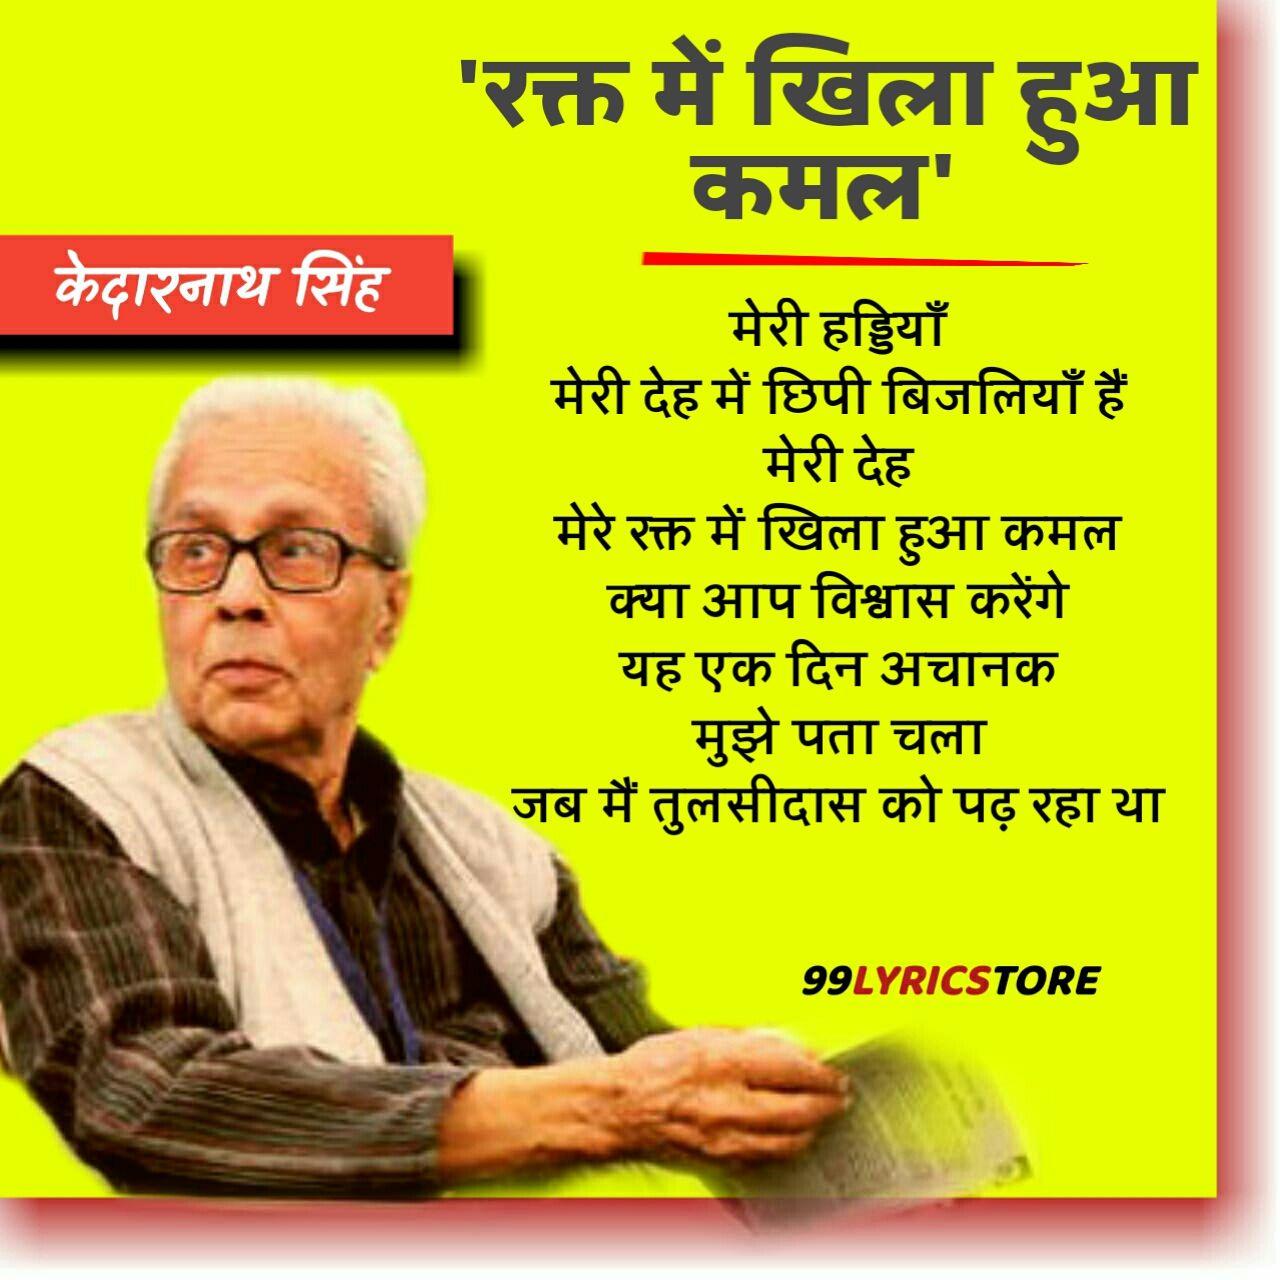 'रक्त में खिला हुआ कमल' कविता केदारनाथ सिंह जी द्वारा लिखी गई एक हिन्दी कविता है।